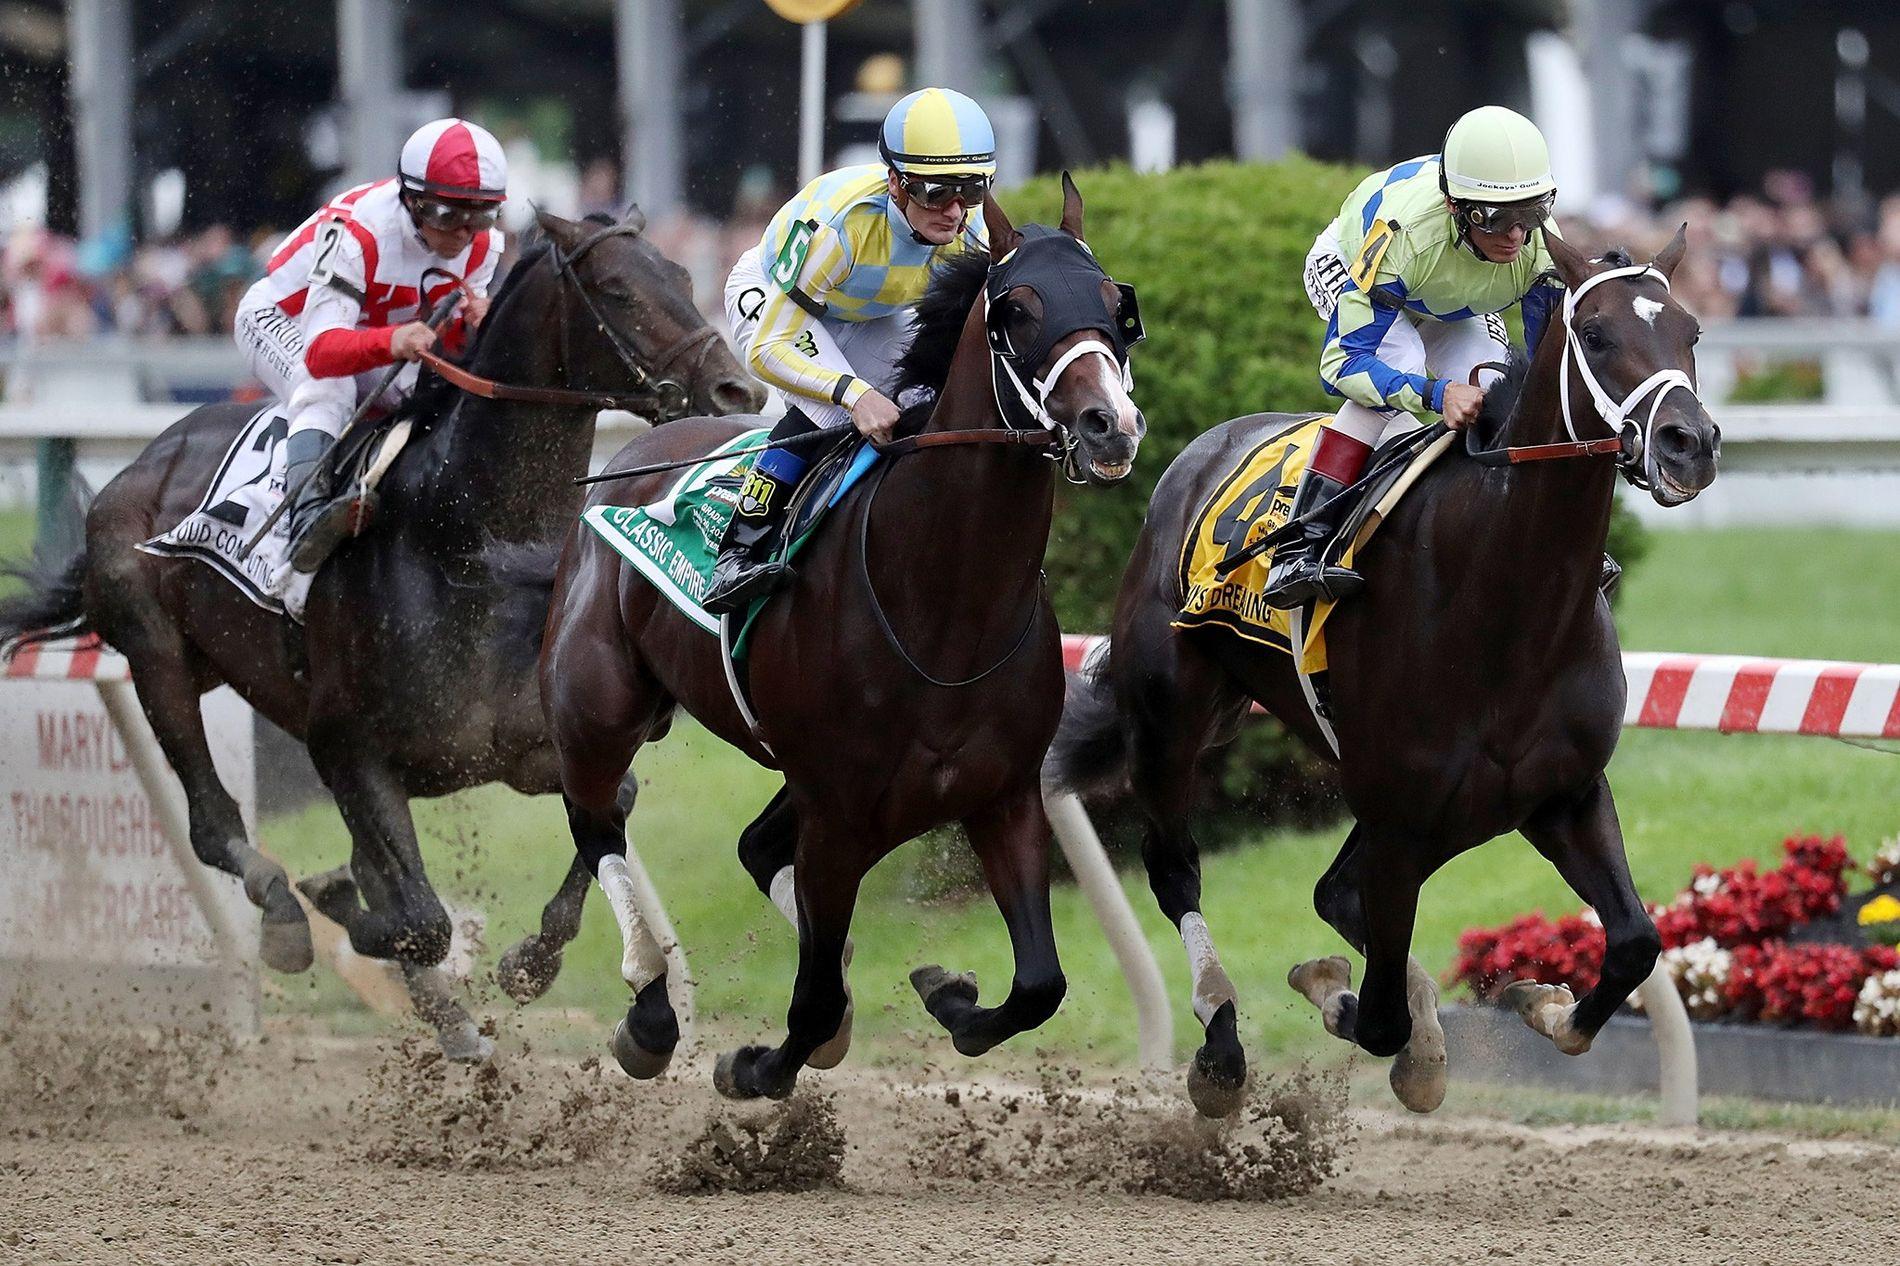 Rennpferde wie die hier abgebildeten, die 2017 beim Rennen Preakness Stakes in Baltimore (Maryland, USA) abgelichtet ...